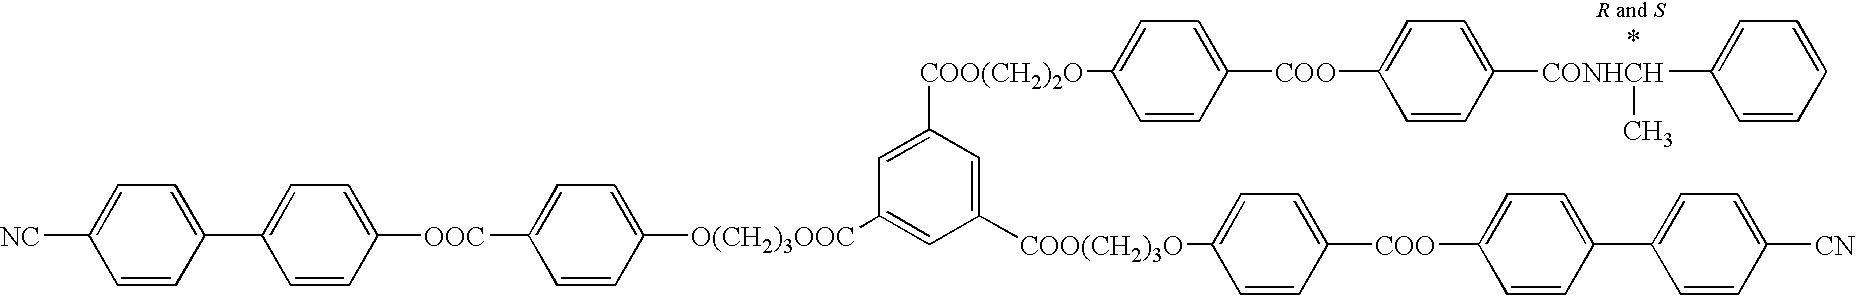 Figure US20100096617A1-20100422-C00001